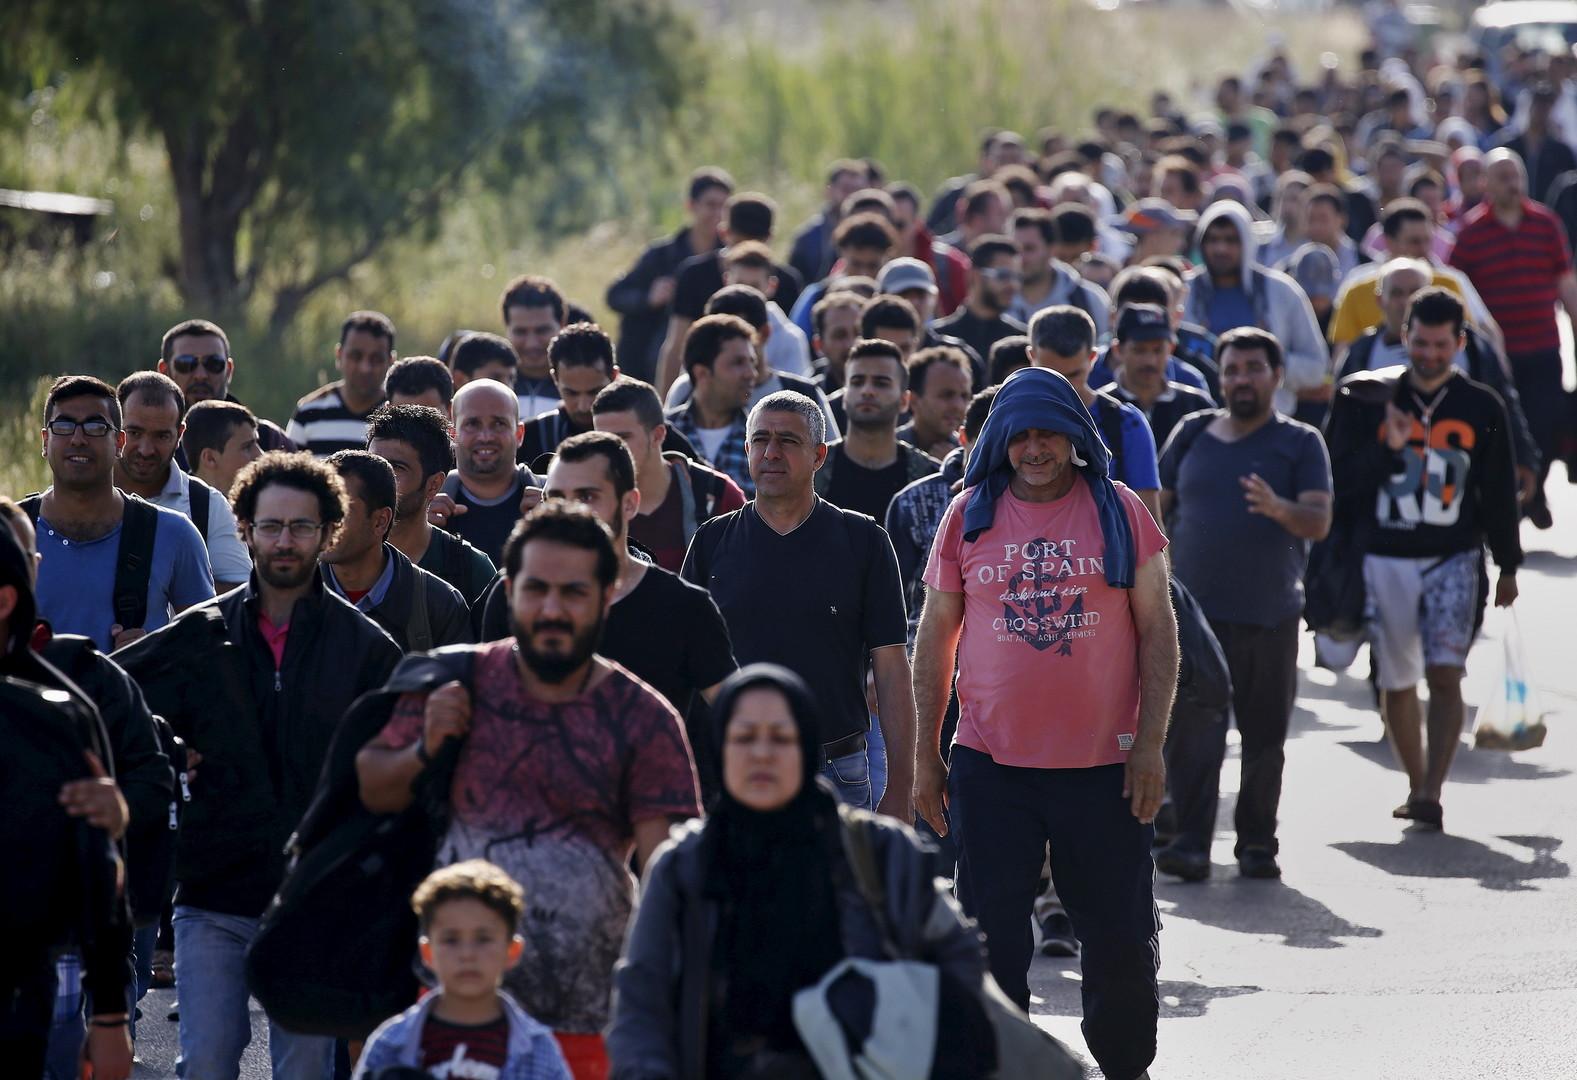 Venus de Turquie, des centaines de migrants arrivent tous les jours dans le centre de réfugiés à Kos, en Grèce